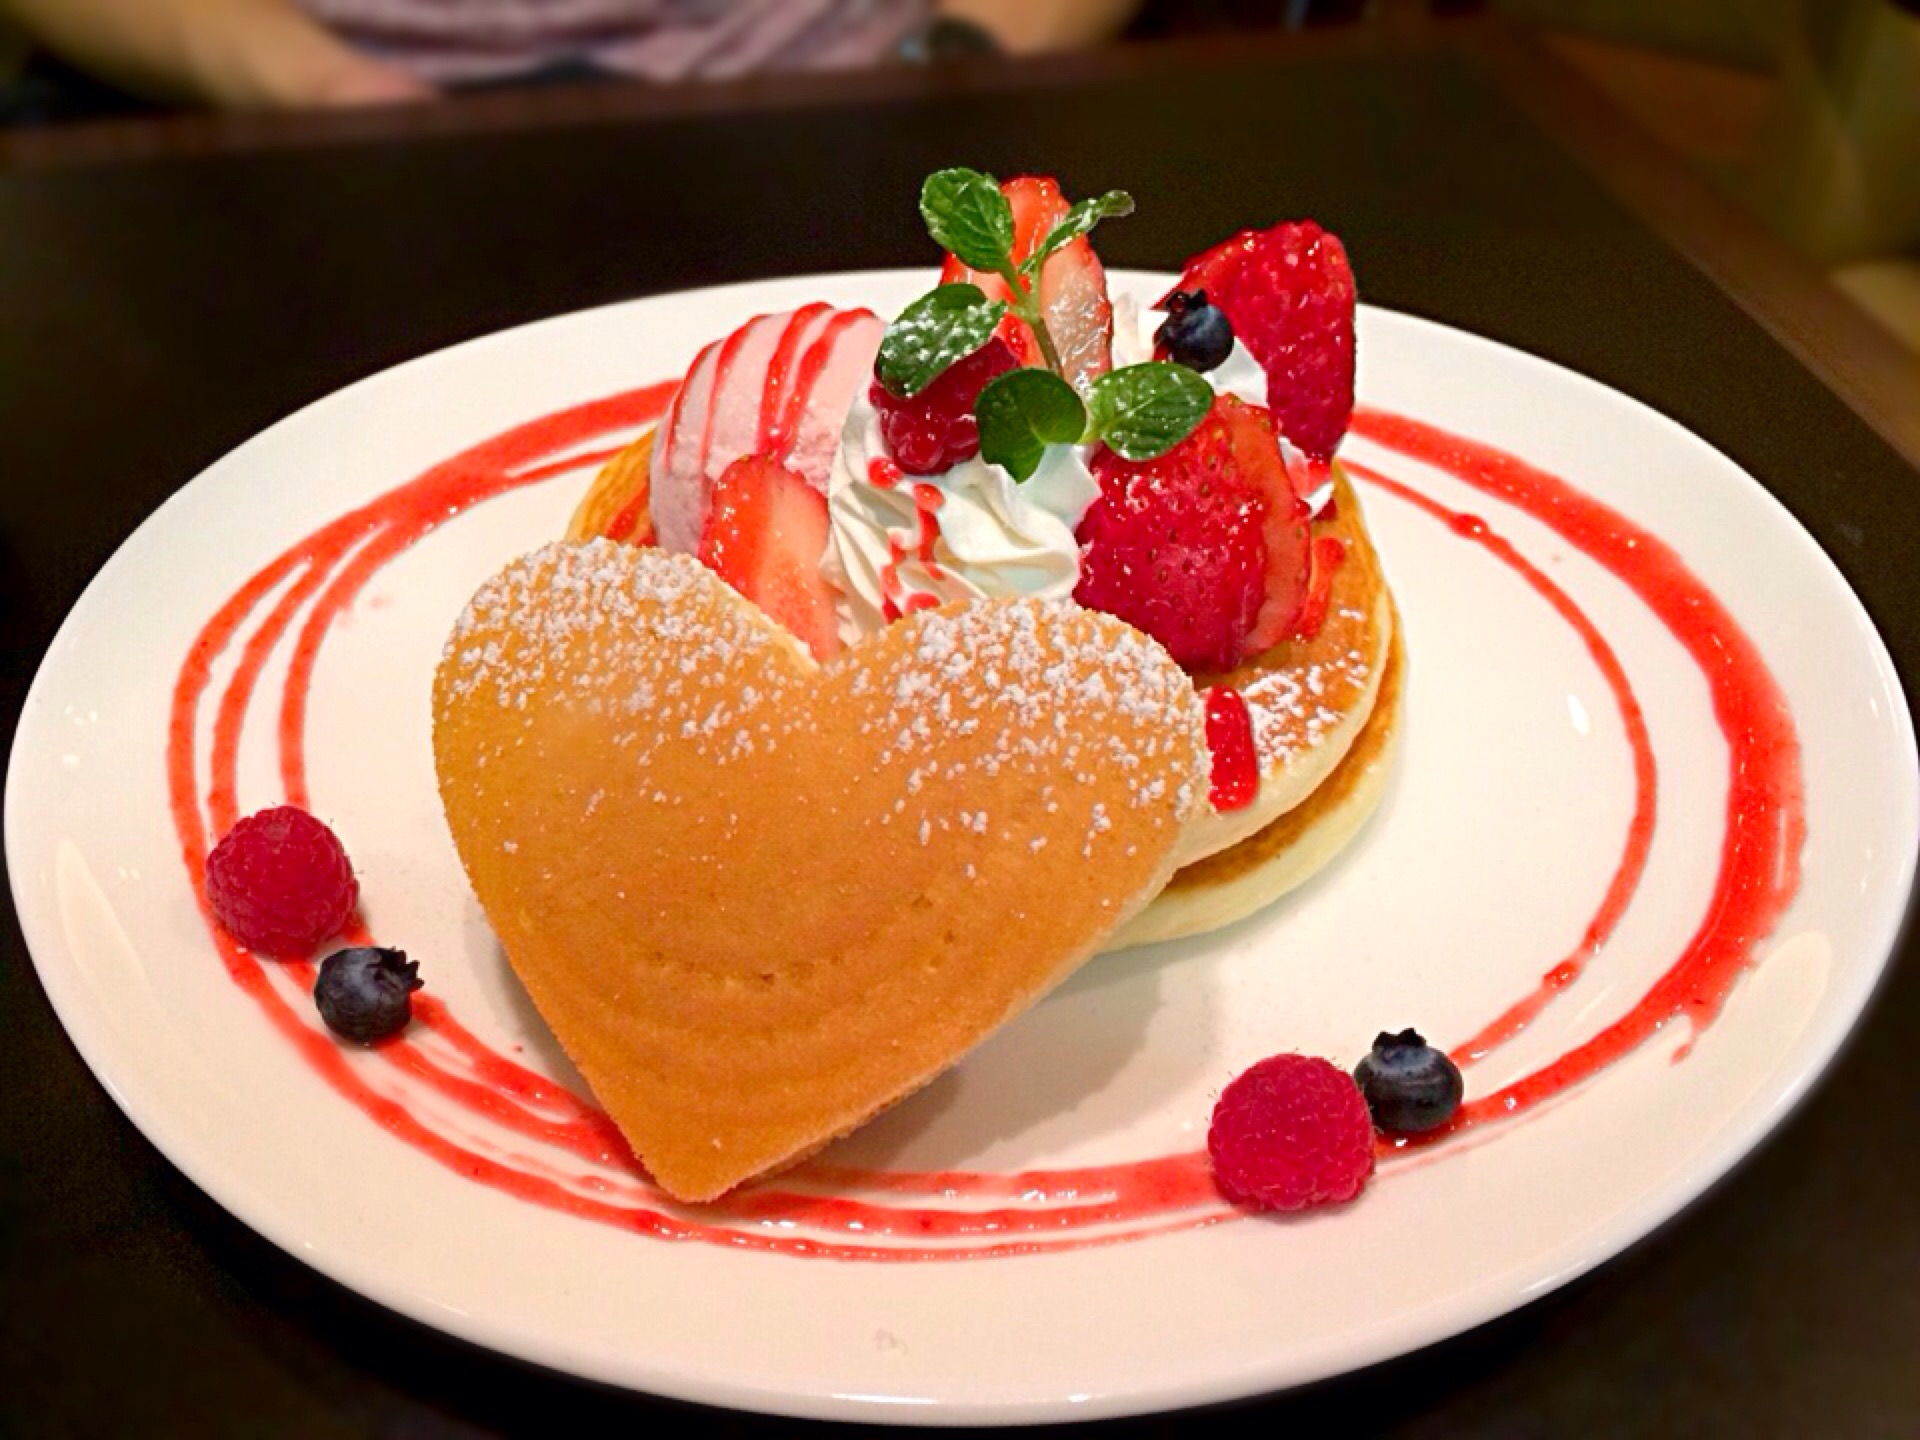 【埼玉】パンケーキがおすすめのお店「5」選 - macaroni